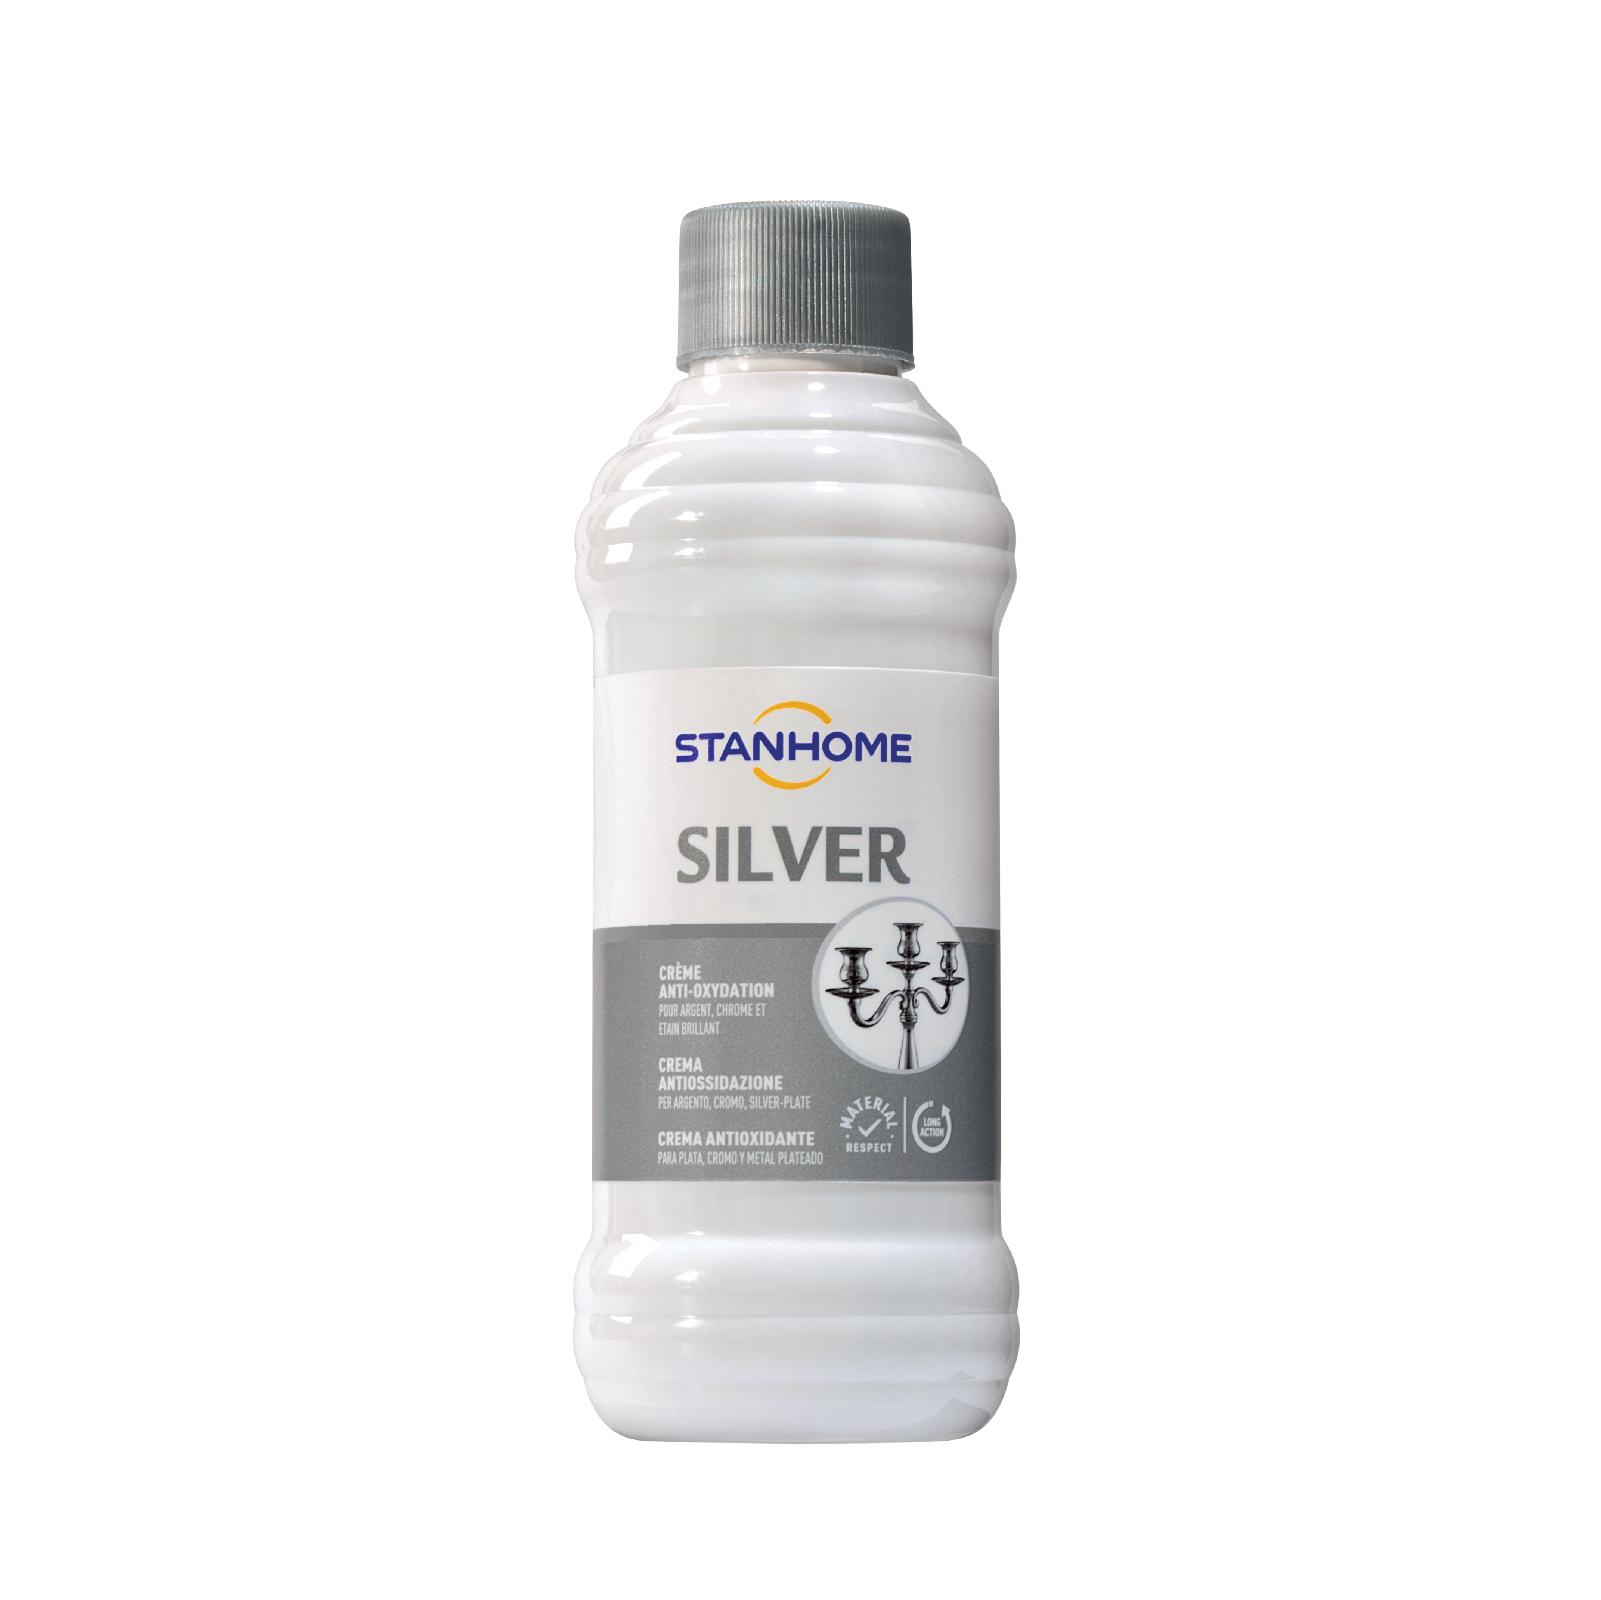 Kem làm sáng bóng cho đồ bạc, trang sức  Stanhome Silver 250ml